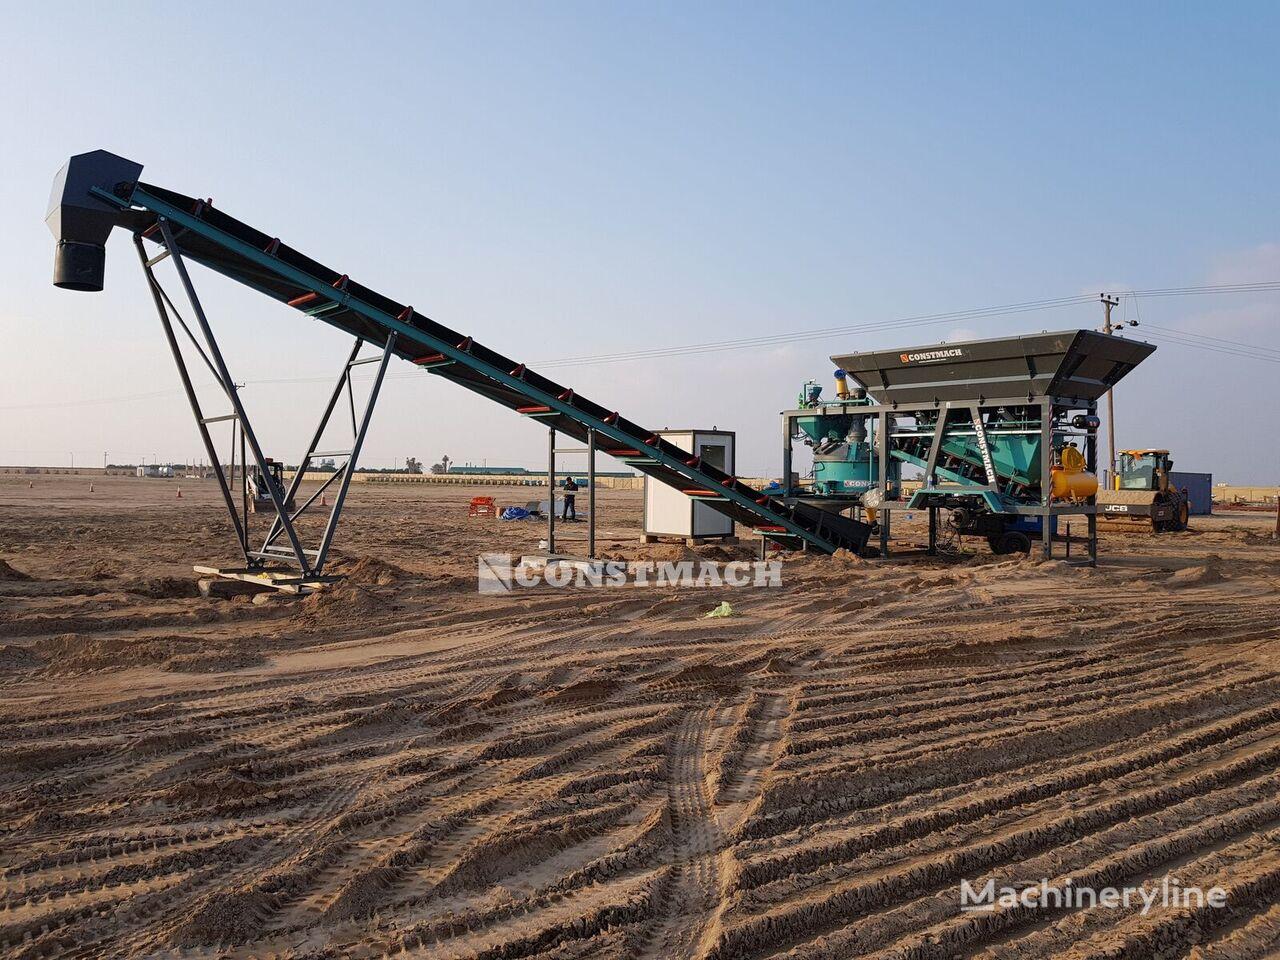 جديد ماكينة صناعة الخرسانة CONSTMACH MOBILE & COMPACT TYPE CONCRETE PLANT, 30 m3/h CAPACITY